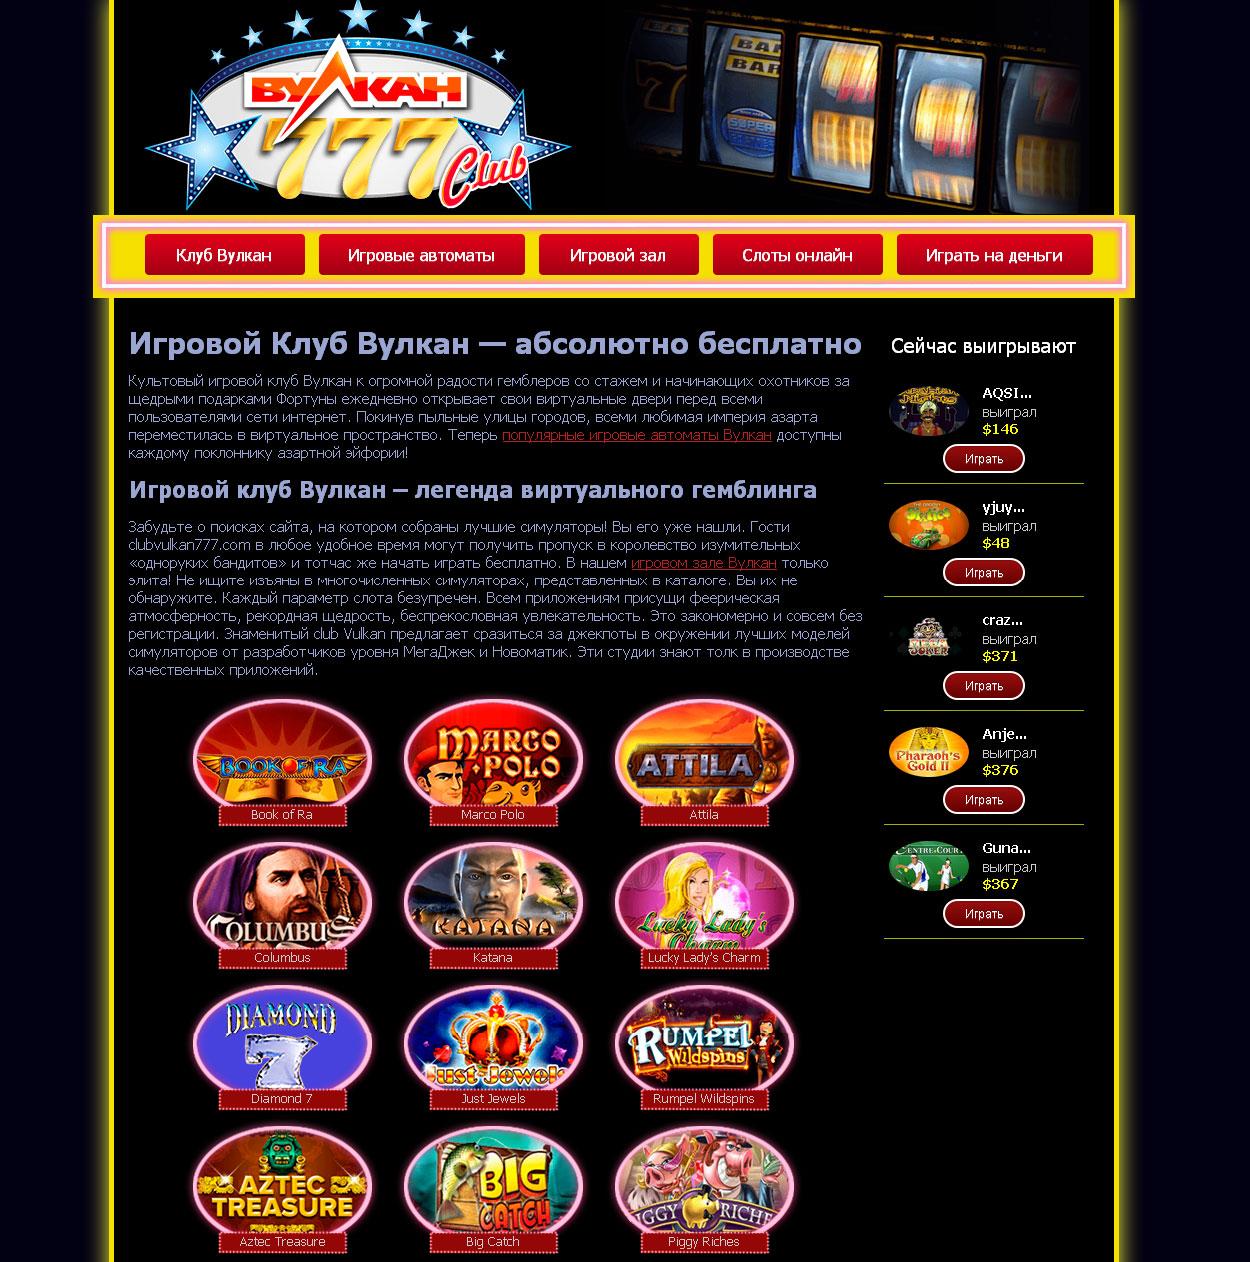 вулкан бест игровые автоматы